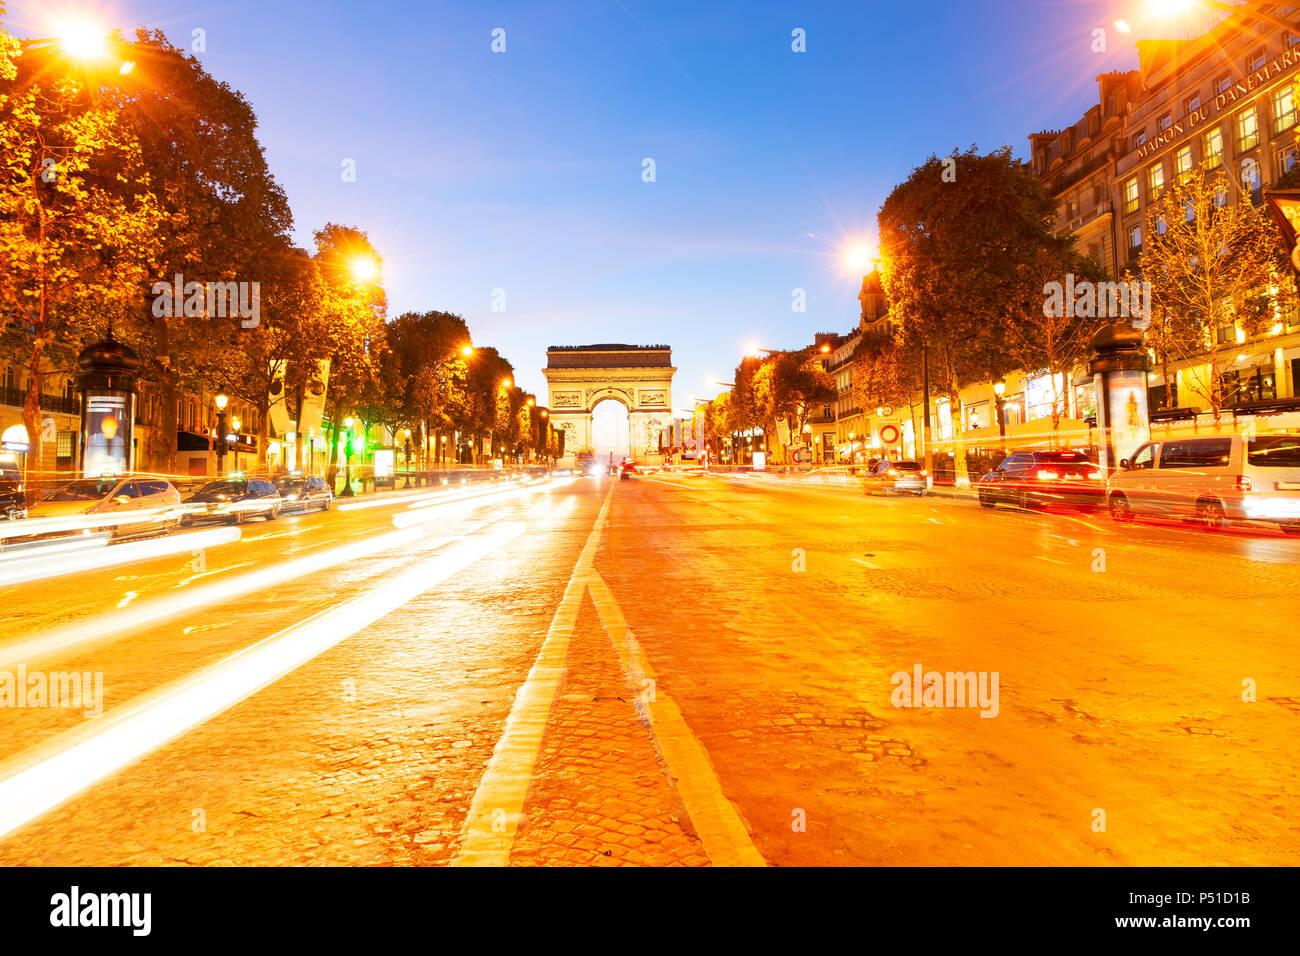 Arc de Triomphe, Paris, France Photo Stock